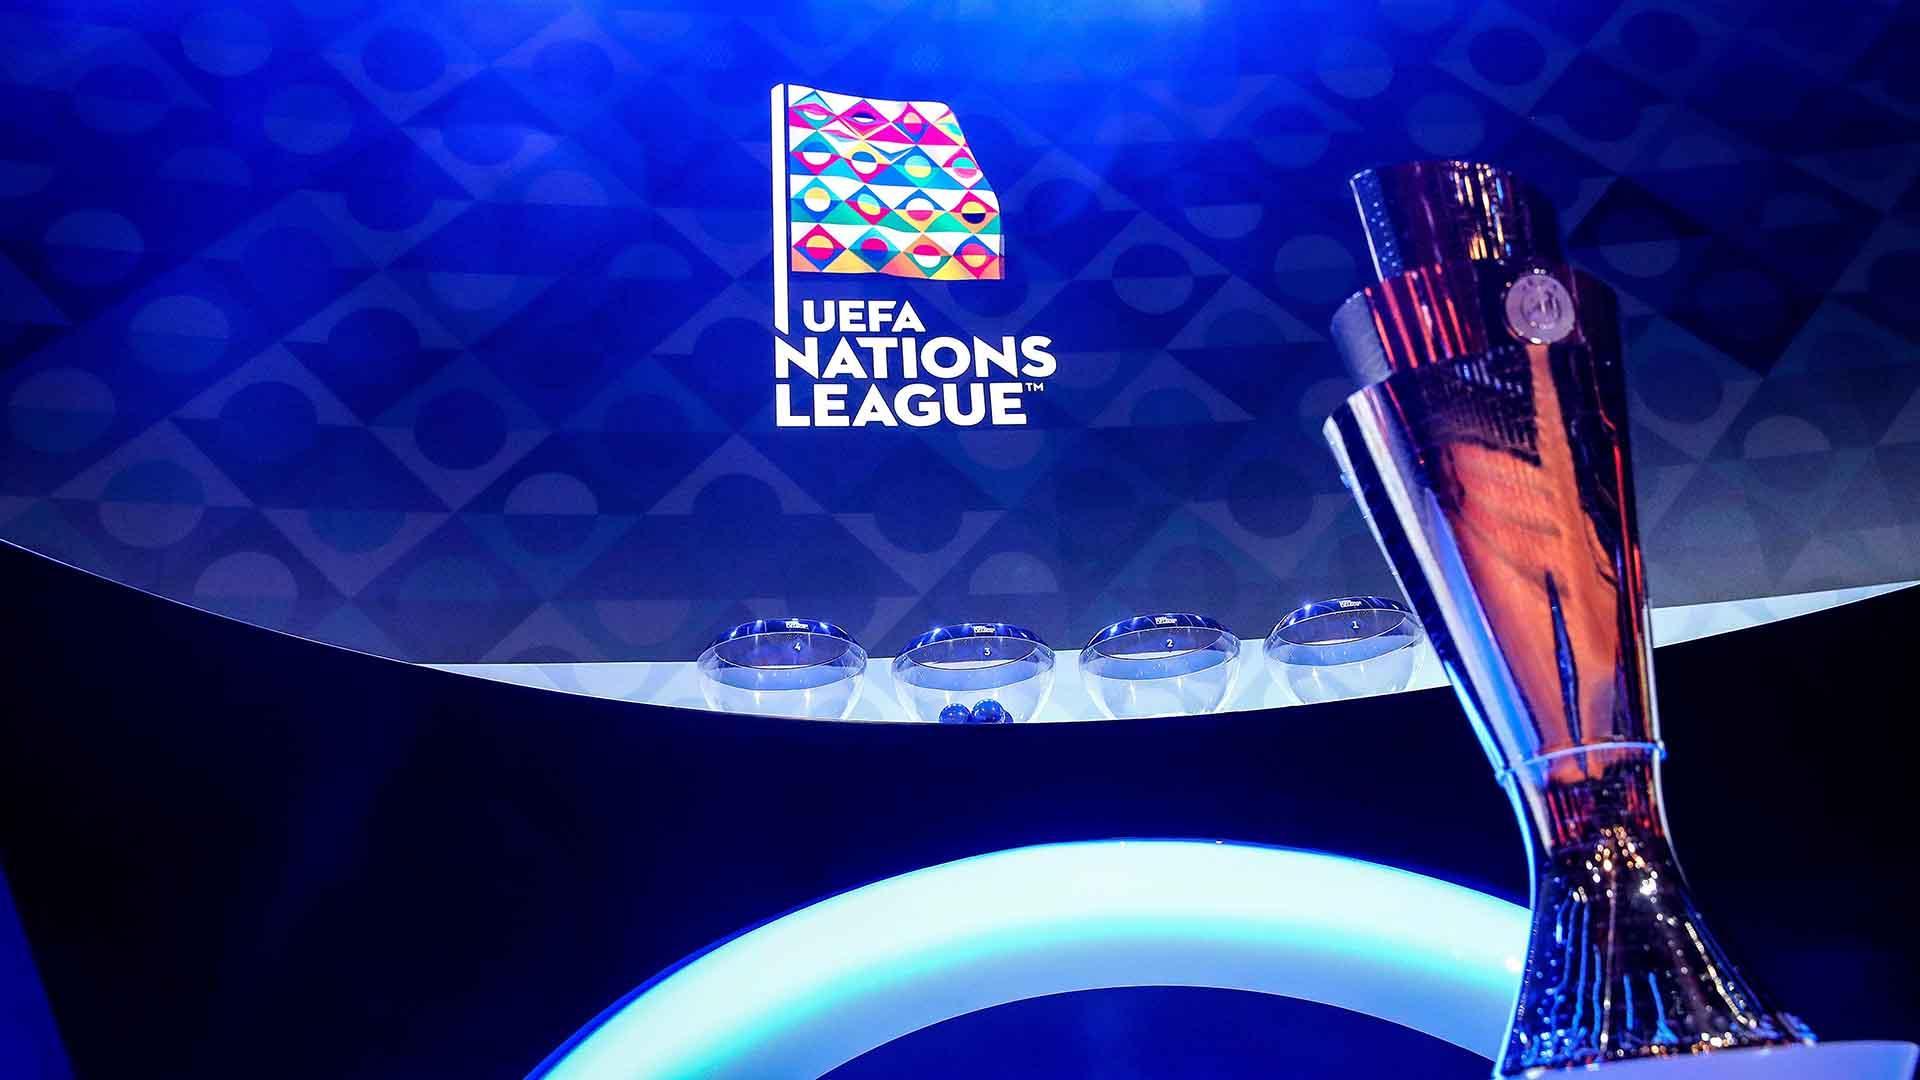 """O youtuber do canal """"SEMPILA DICAS GRÁTIS"""" conta como assistir os jogos da Nations League"""